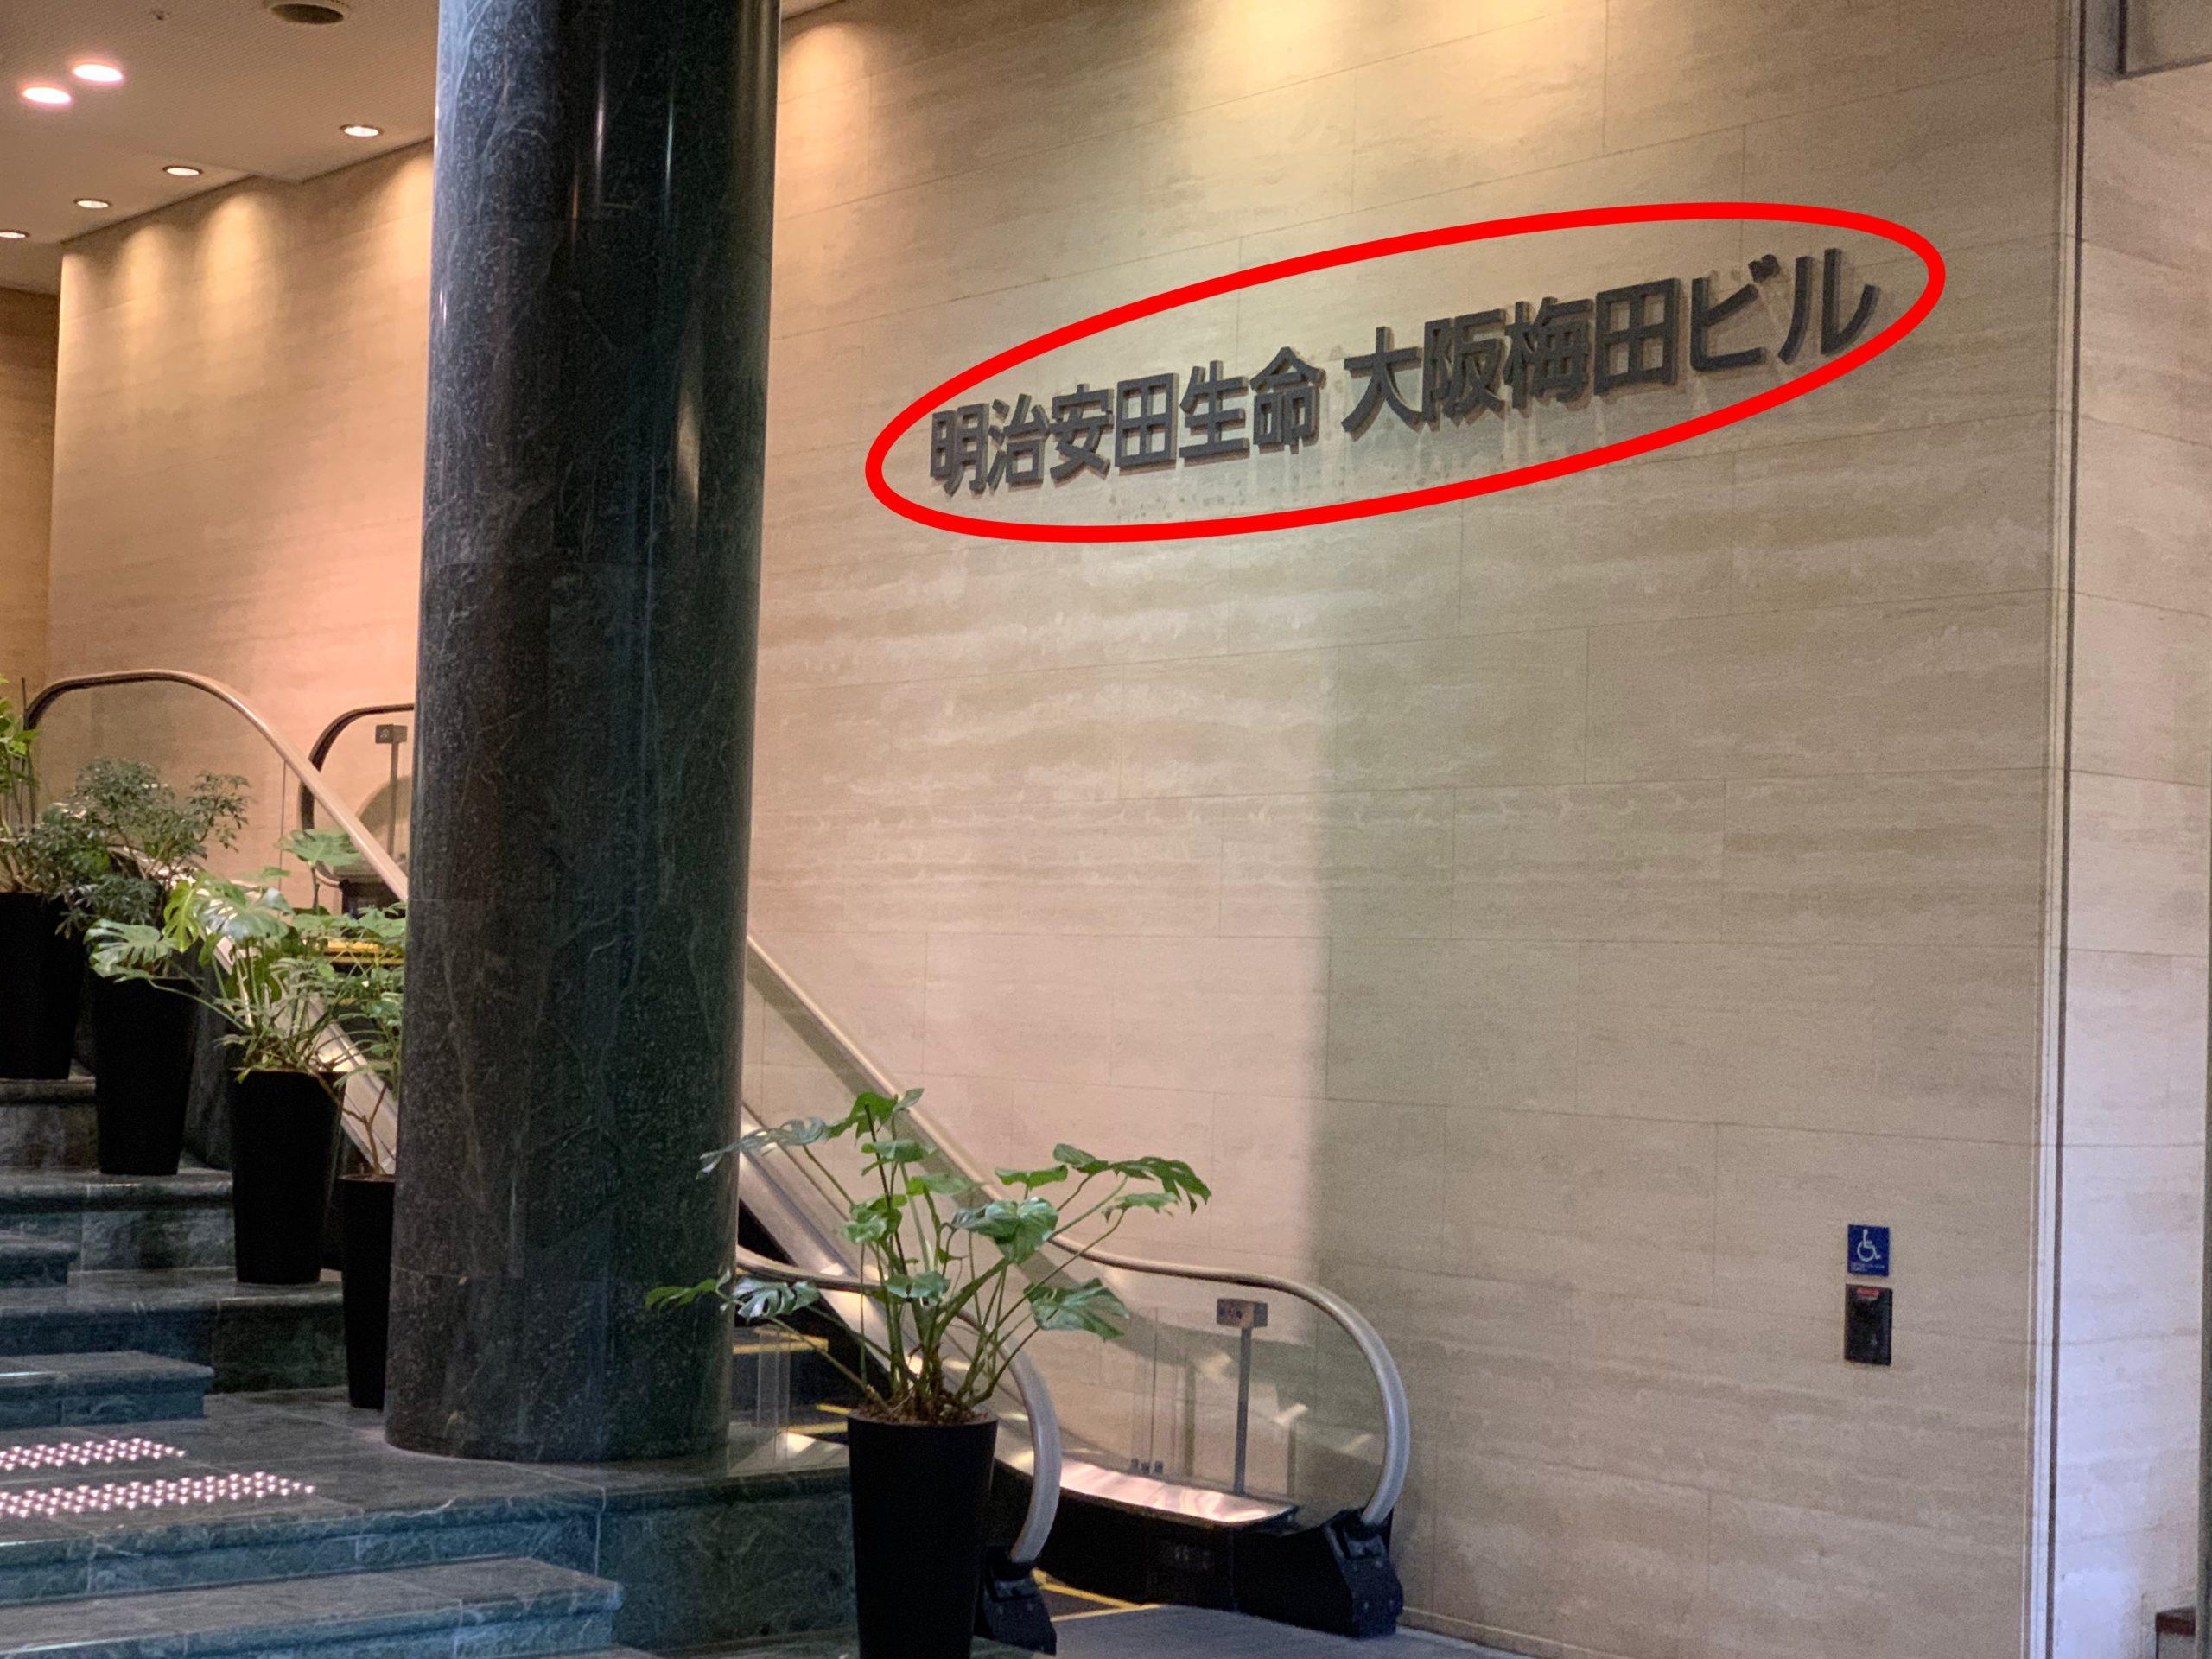 Dクリニック大阪アクセス8